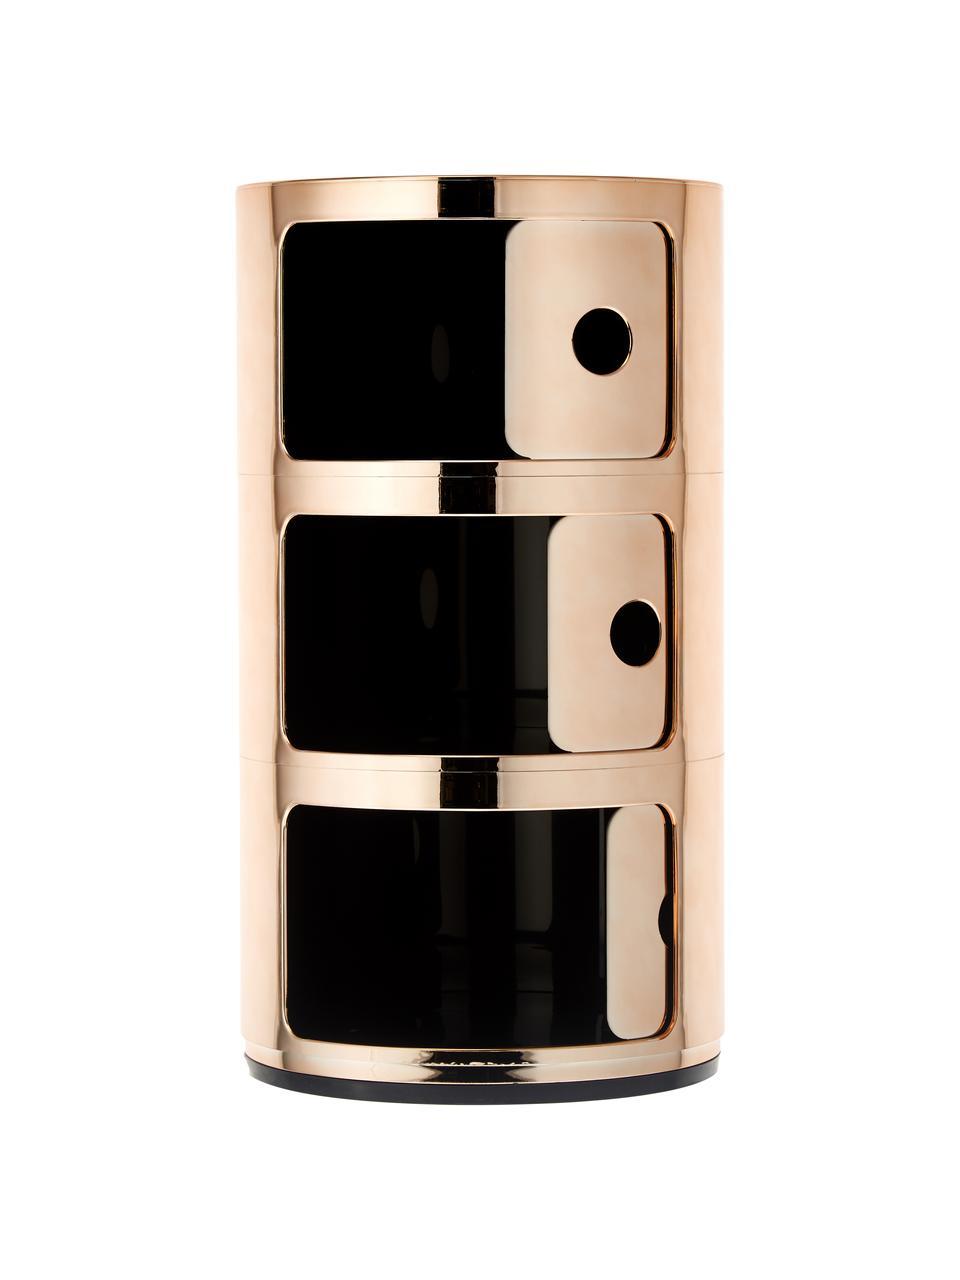 Comodino di design con cassetti Componibile, Materiale sintetico rivestita in metallo, Oro, Ø 32 x Alt. 59 cm